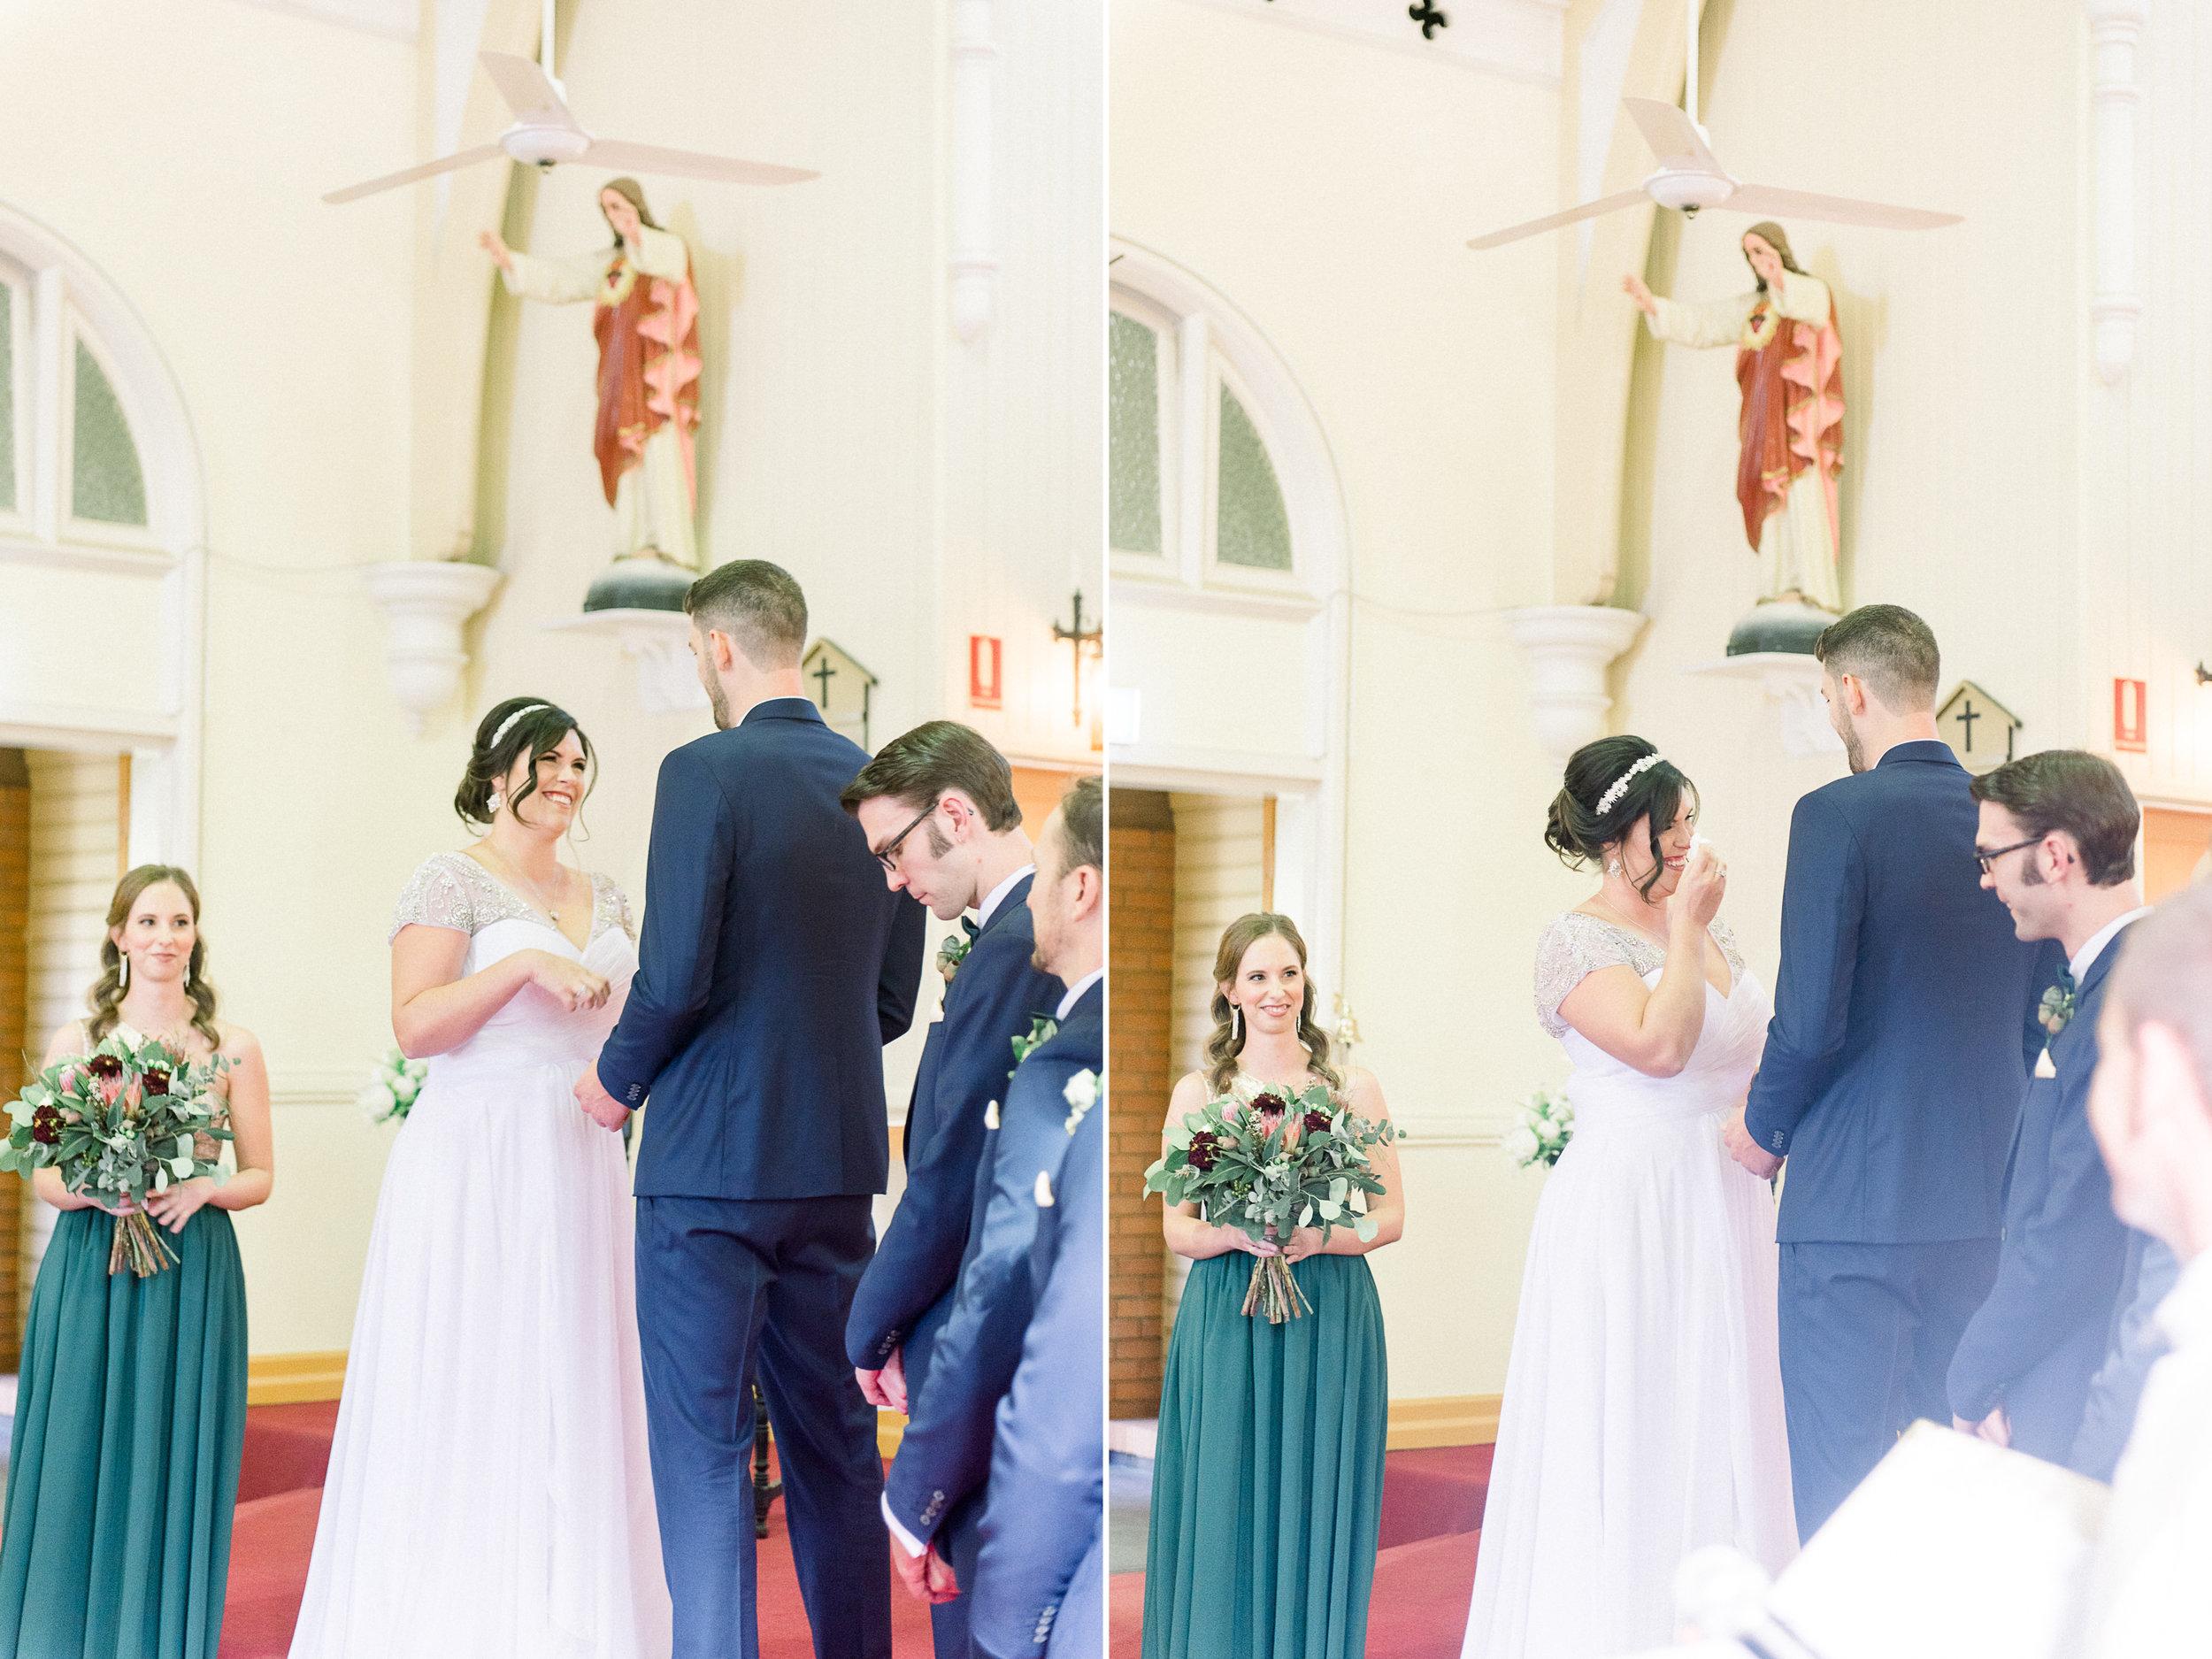 brisbane-city-wedding-photography-church-wedding-4.jpg